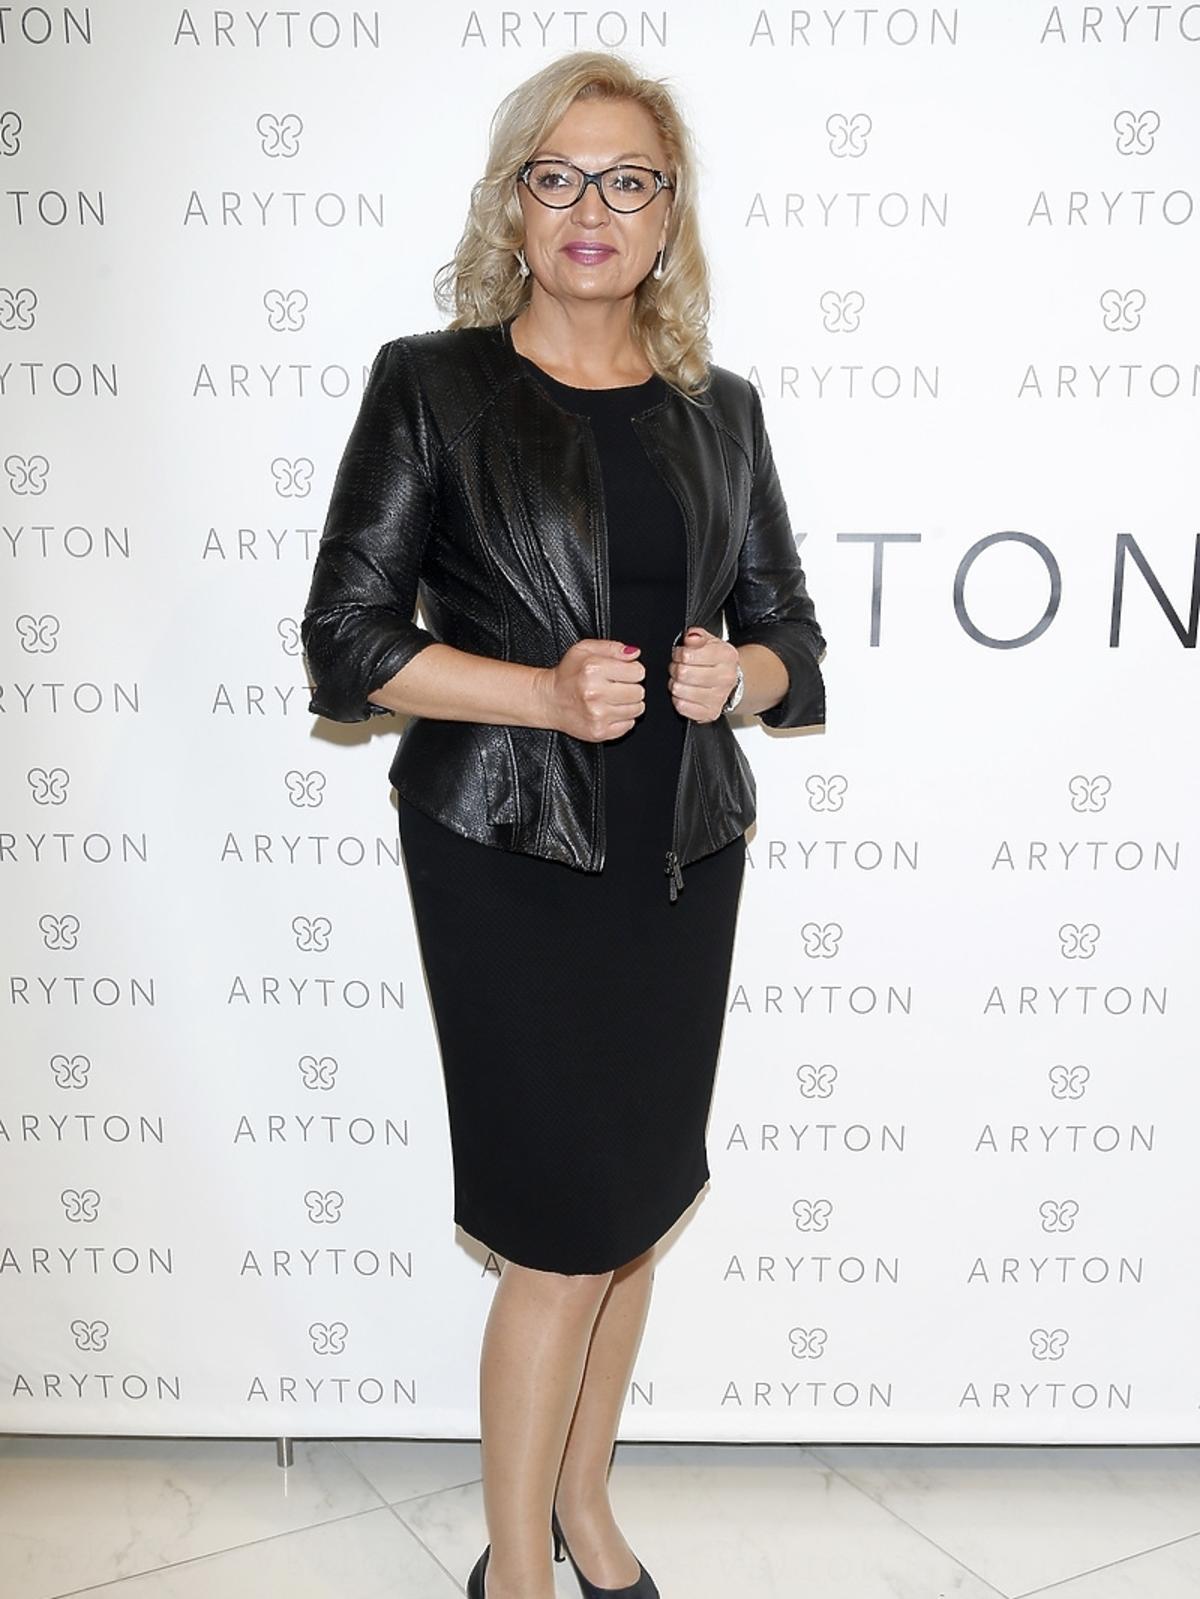 Małgorzata Walewska na pokazie nowej kolekcji marki Aryton